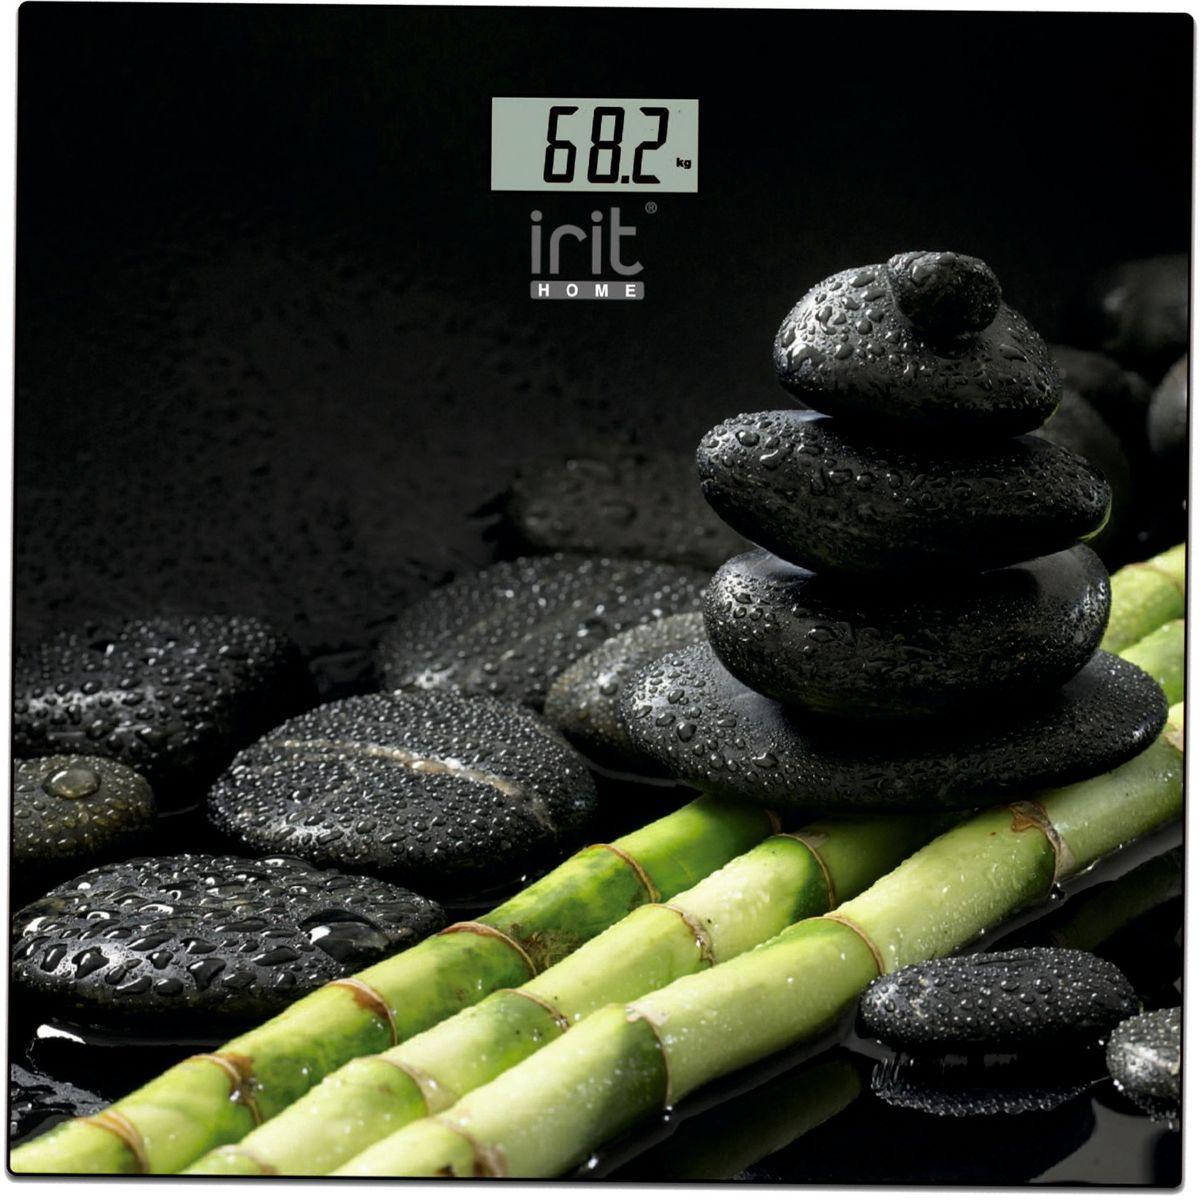 Irit IR-7257 весы напольныеIR-7257Напольные весы Irit IR-7257 пригодятся тем, кто привык следить за своим здоровьем и фигурой. Максимальный вес, на который представленная модель рассчитана, составляет 180 кг, при этом дискретность равна 100 г. Весы являются электронными и работают от 2 батареек типа AAA. Устройство включается при касании автоматически. Отключение происходит после 8 секунд бездействия. Модель оснащена четырехзарядным жидкокристаллическим дисплеем, транслирующим показания.